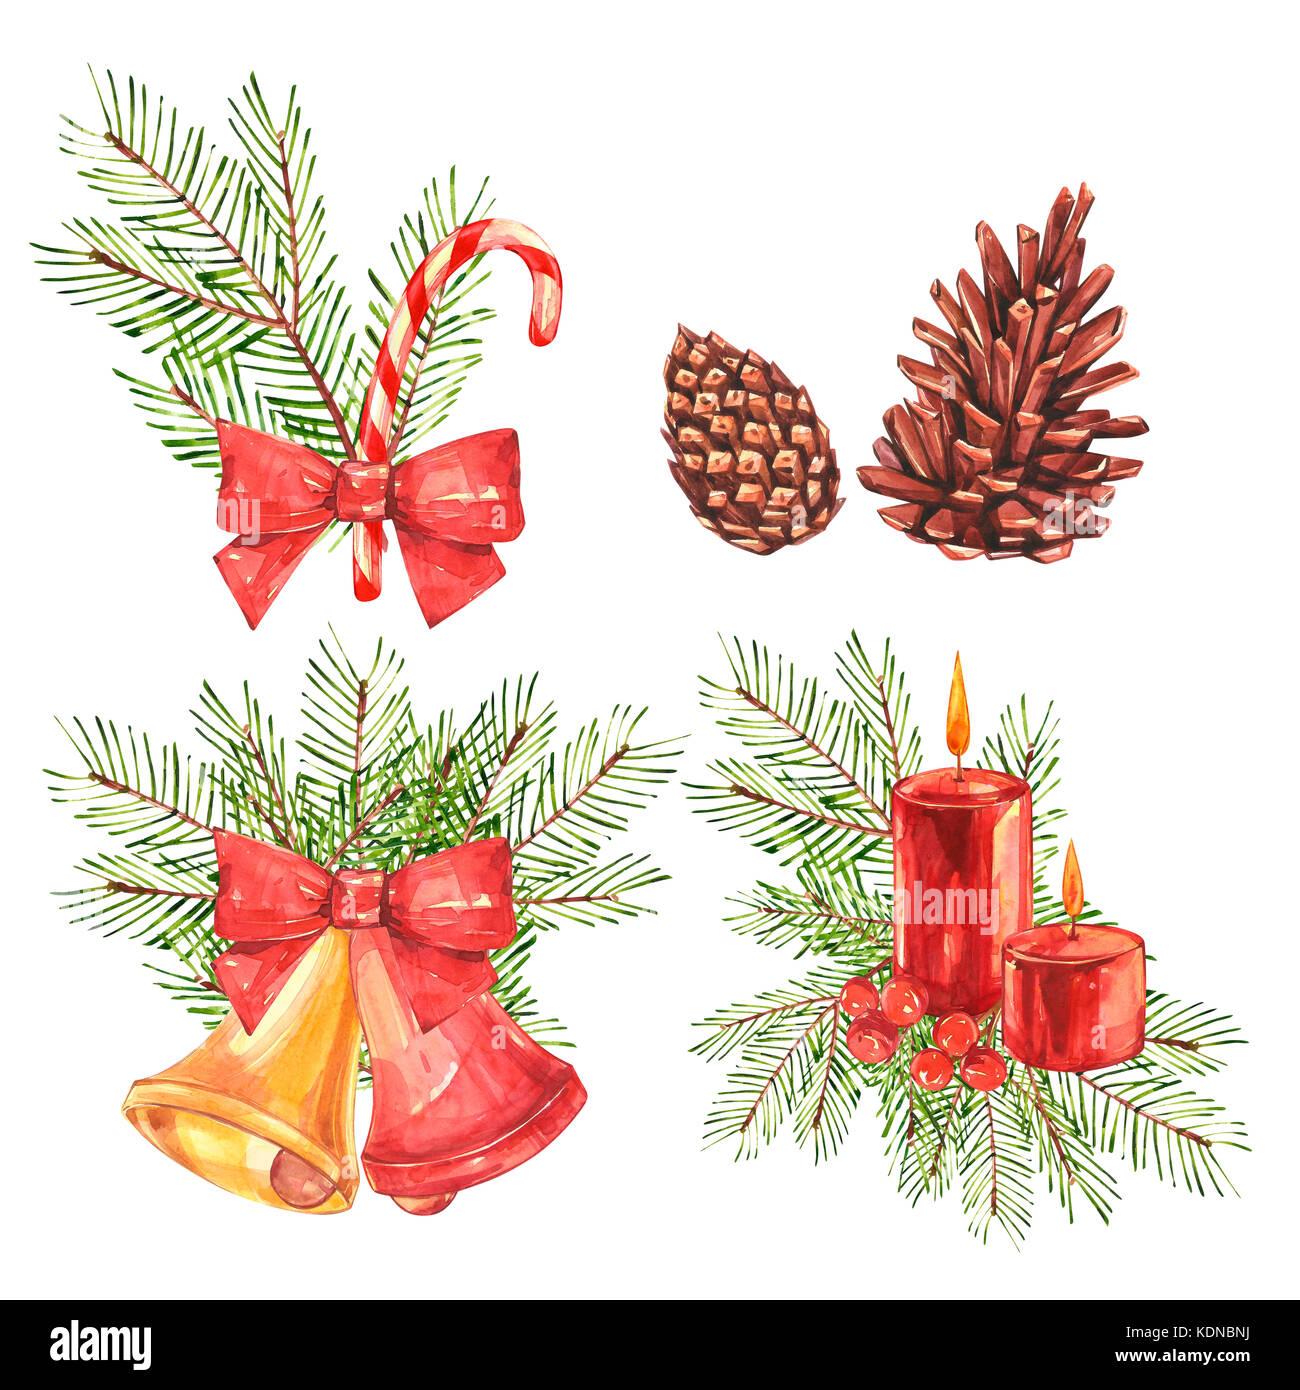 Christmas Illustrations Vintage.Set Of Vintage Christmas Illustrations Christmas Candle